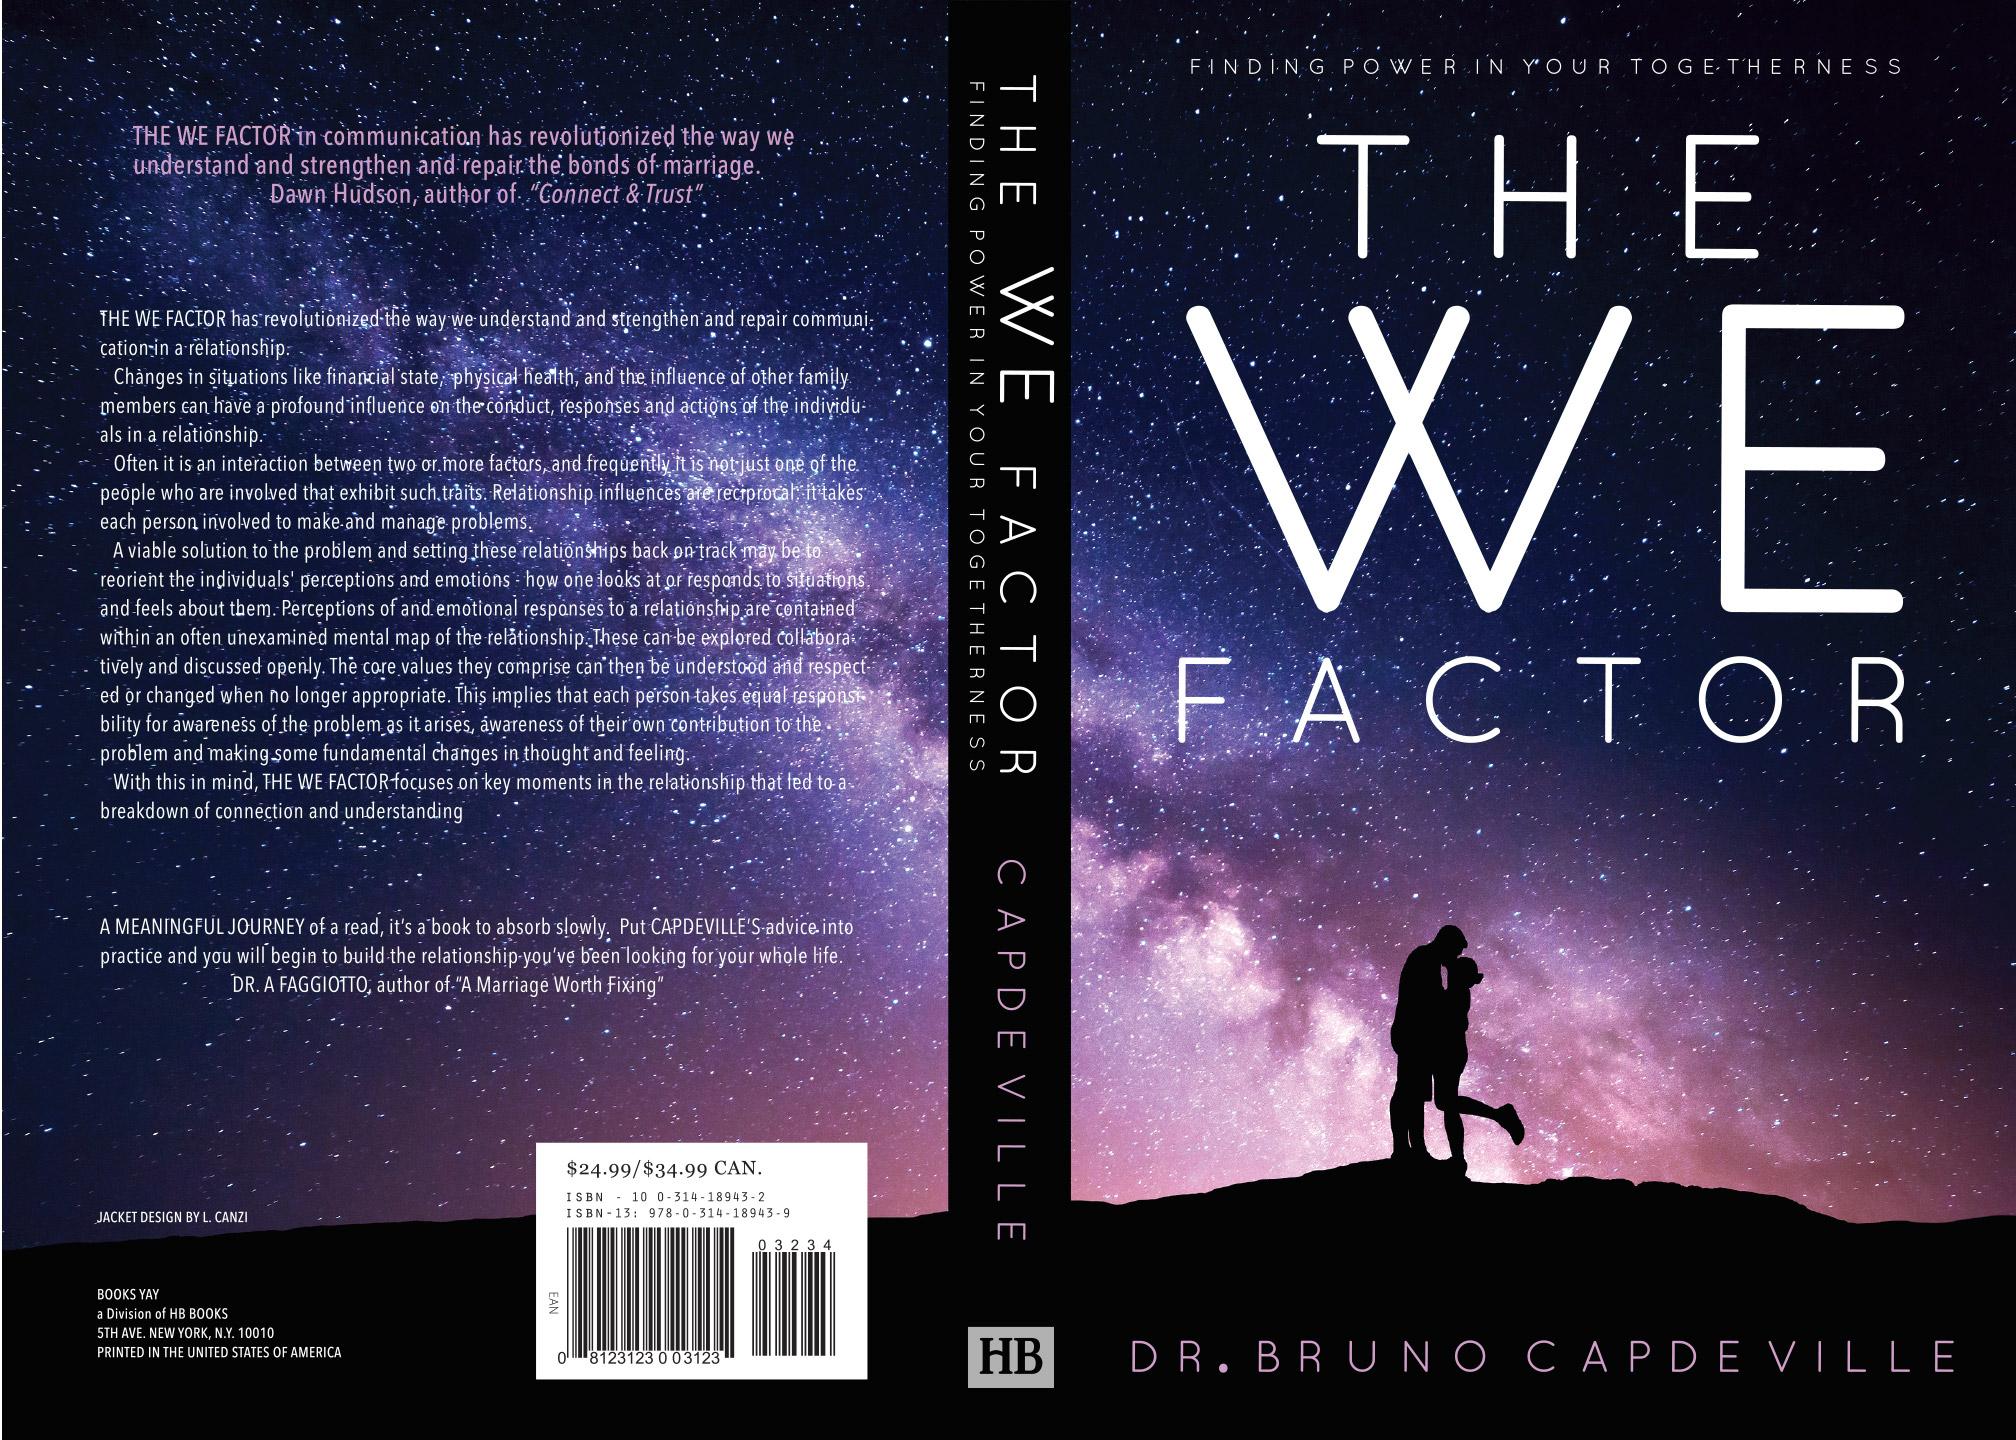 Book Cover Design Nz : Book covers canzila creative